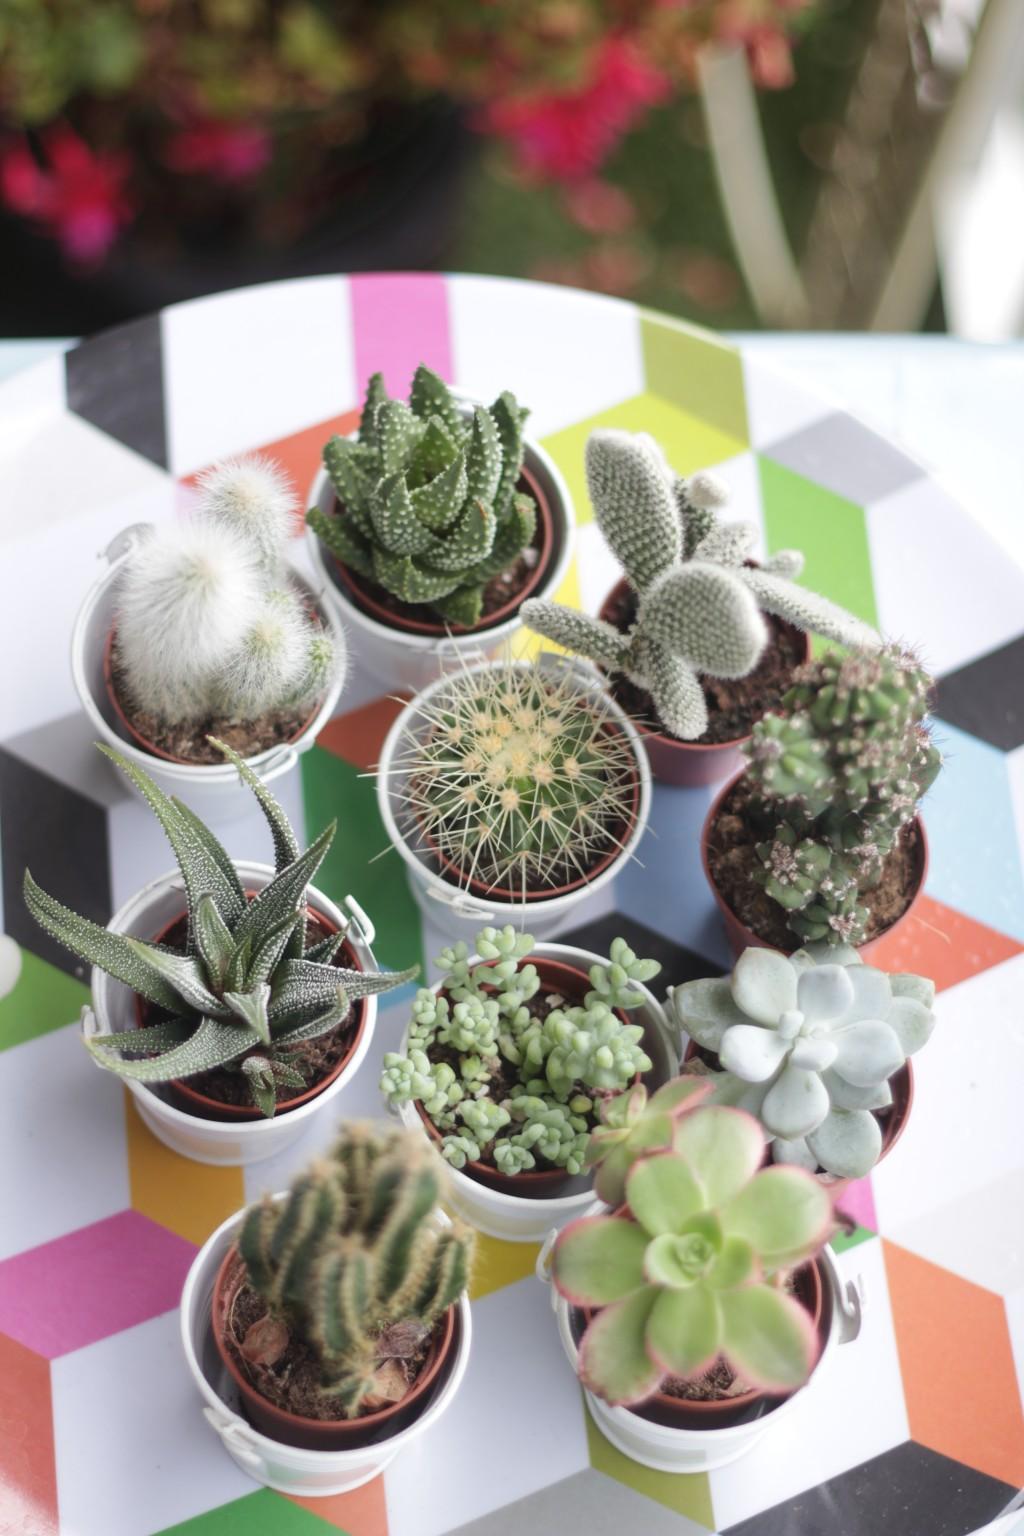 5 cactus musical blog rubrique lifestyle playlist photos (c) upupup.fr